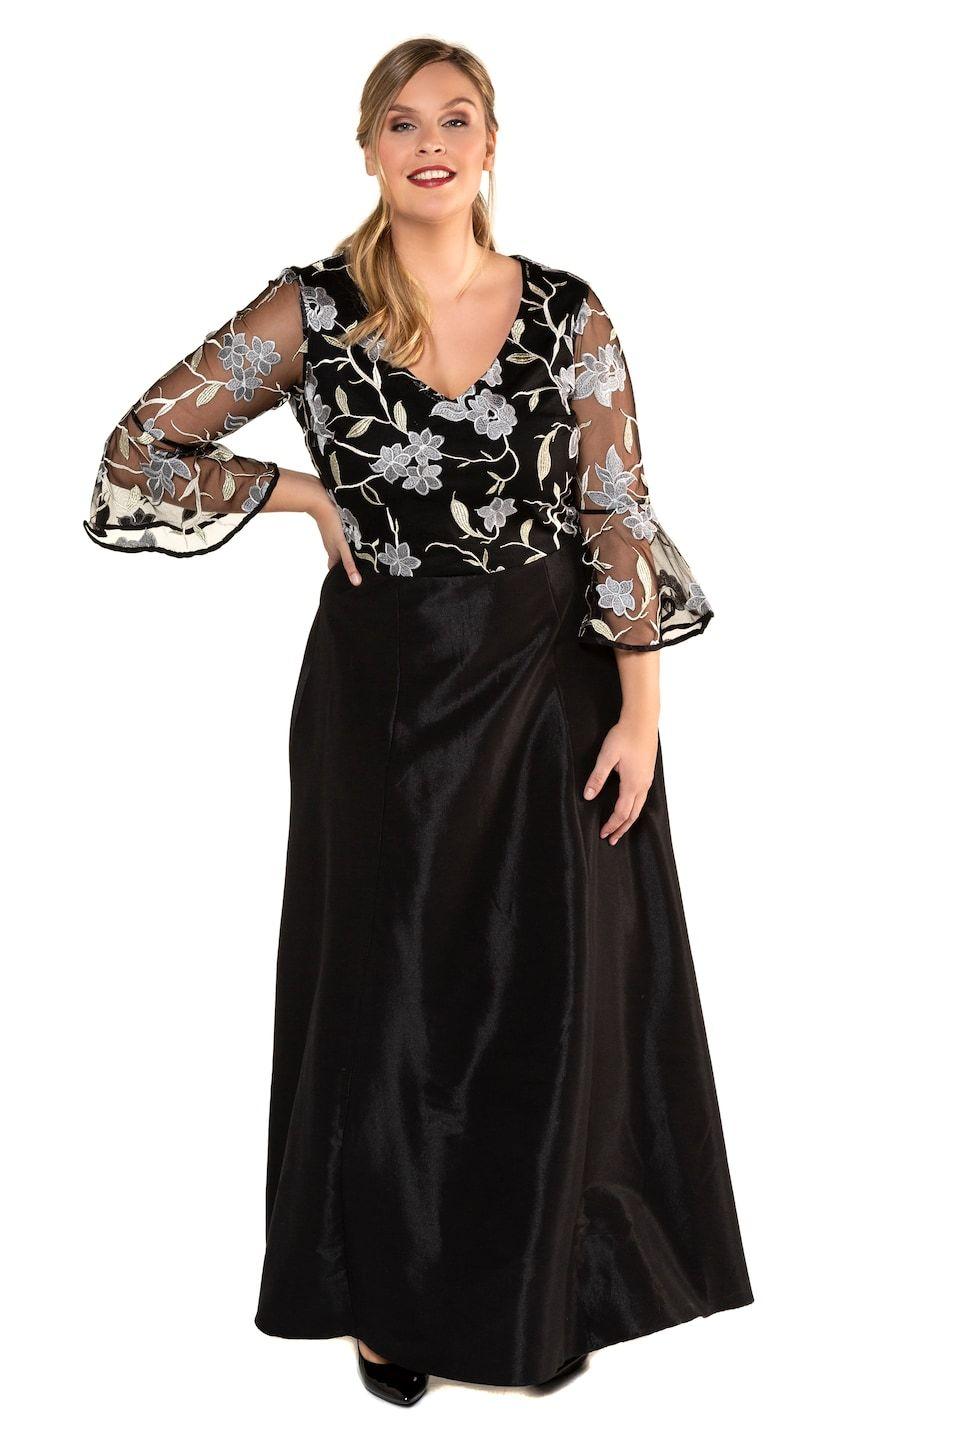 43ee8a03e5 Abendkleid, festlich und feminin. Lange Form mit Oberteil aus zarter  Blütenspitze, Body blickdicht